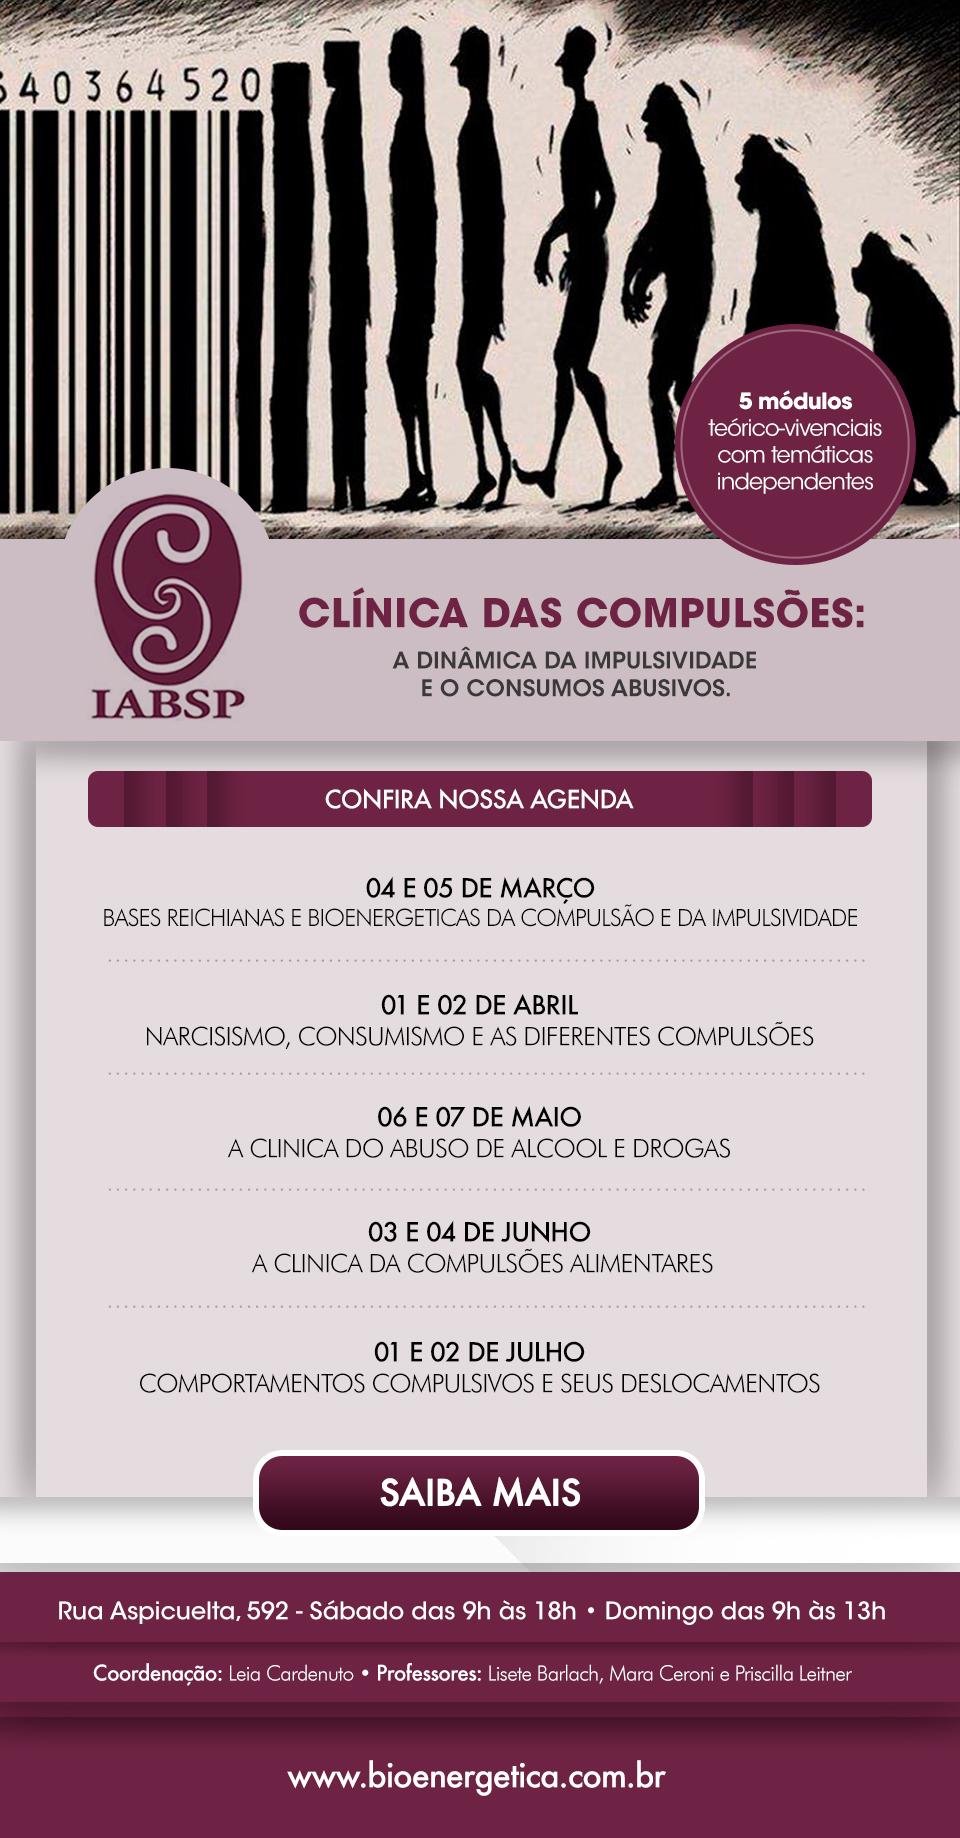 Clínica das Compulsões: a dinâmica da impulsividade e o consumos abusivos